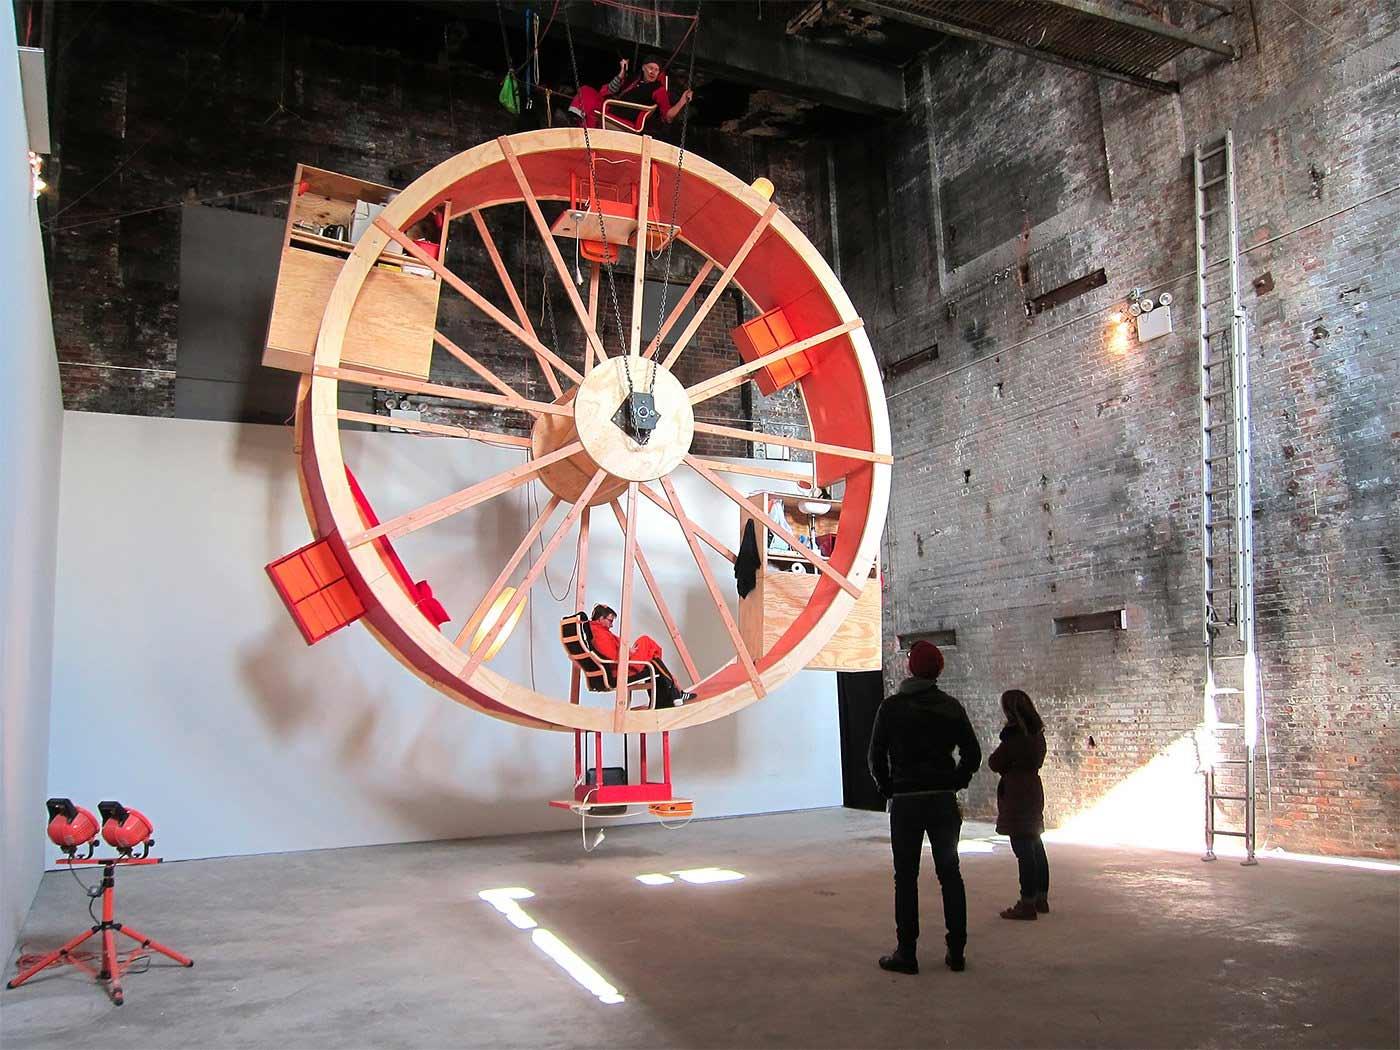 Architektur-Installationen von Alex Schweder & Ward Shelley Alex-Schweder-und-Ward-Shelley_08